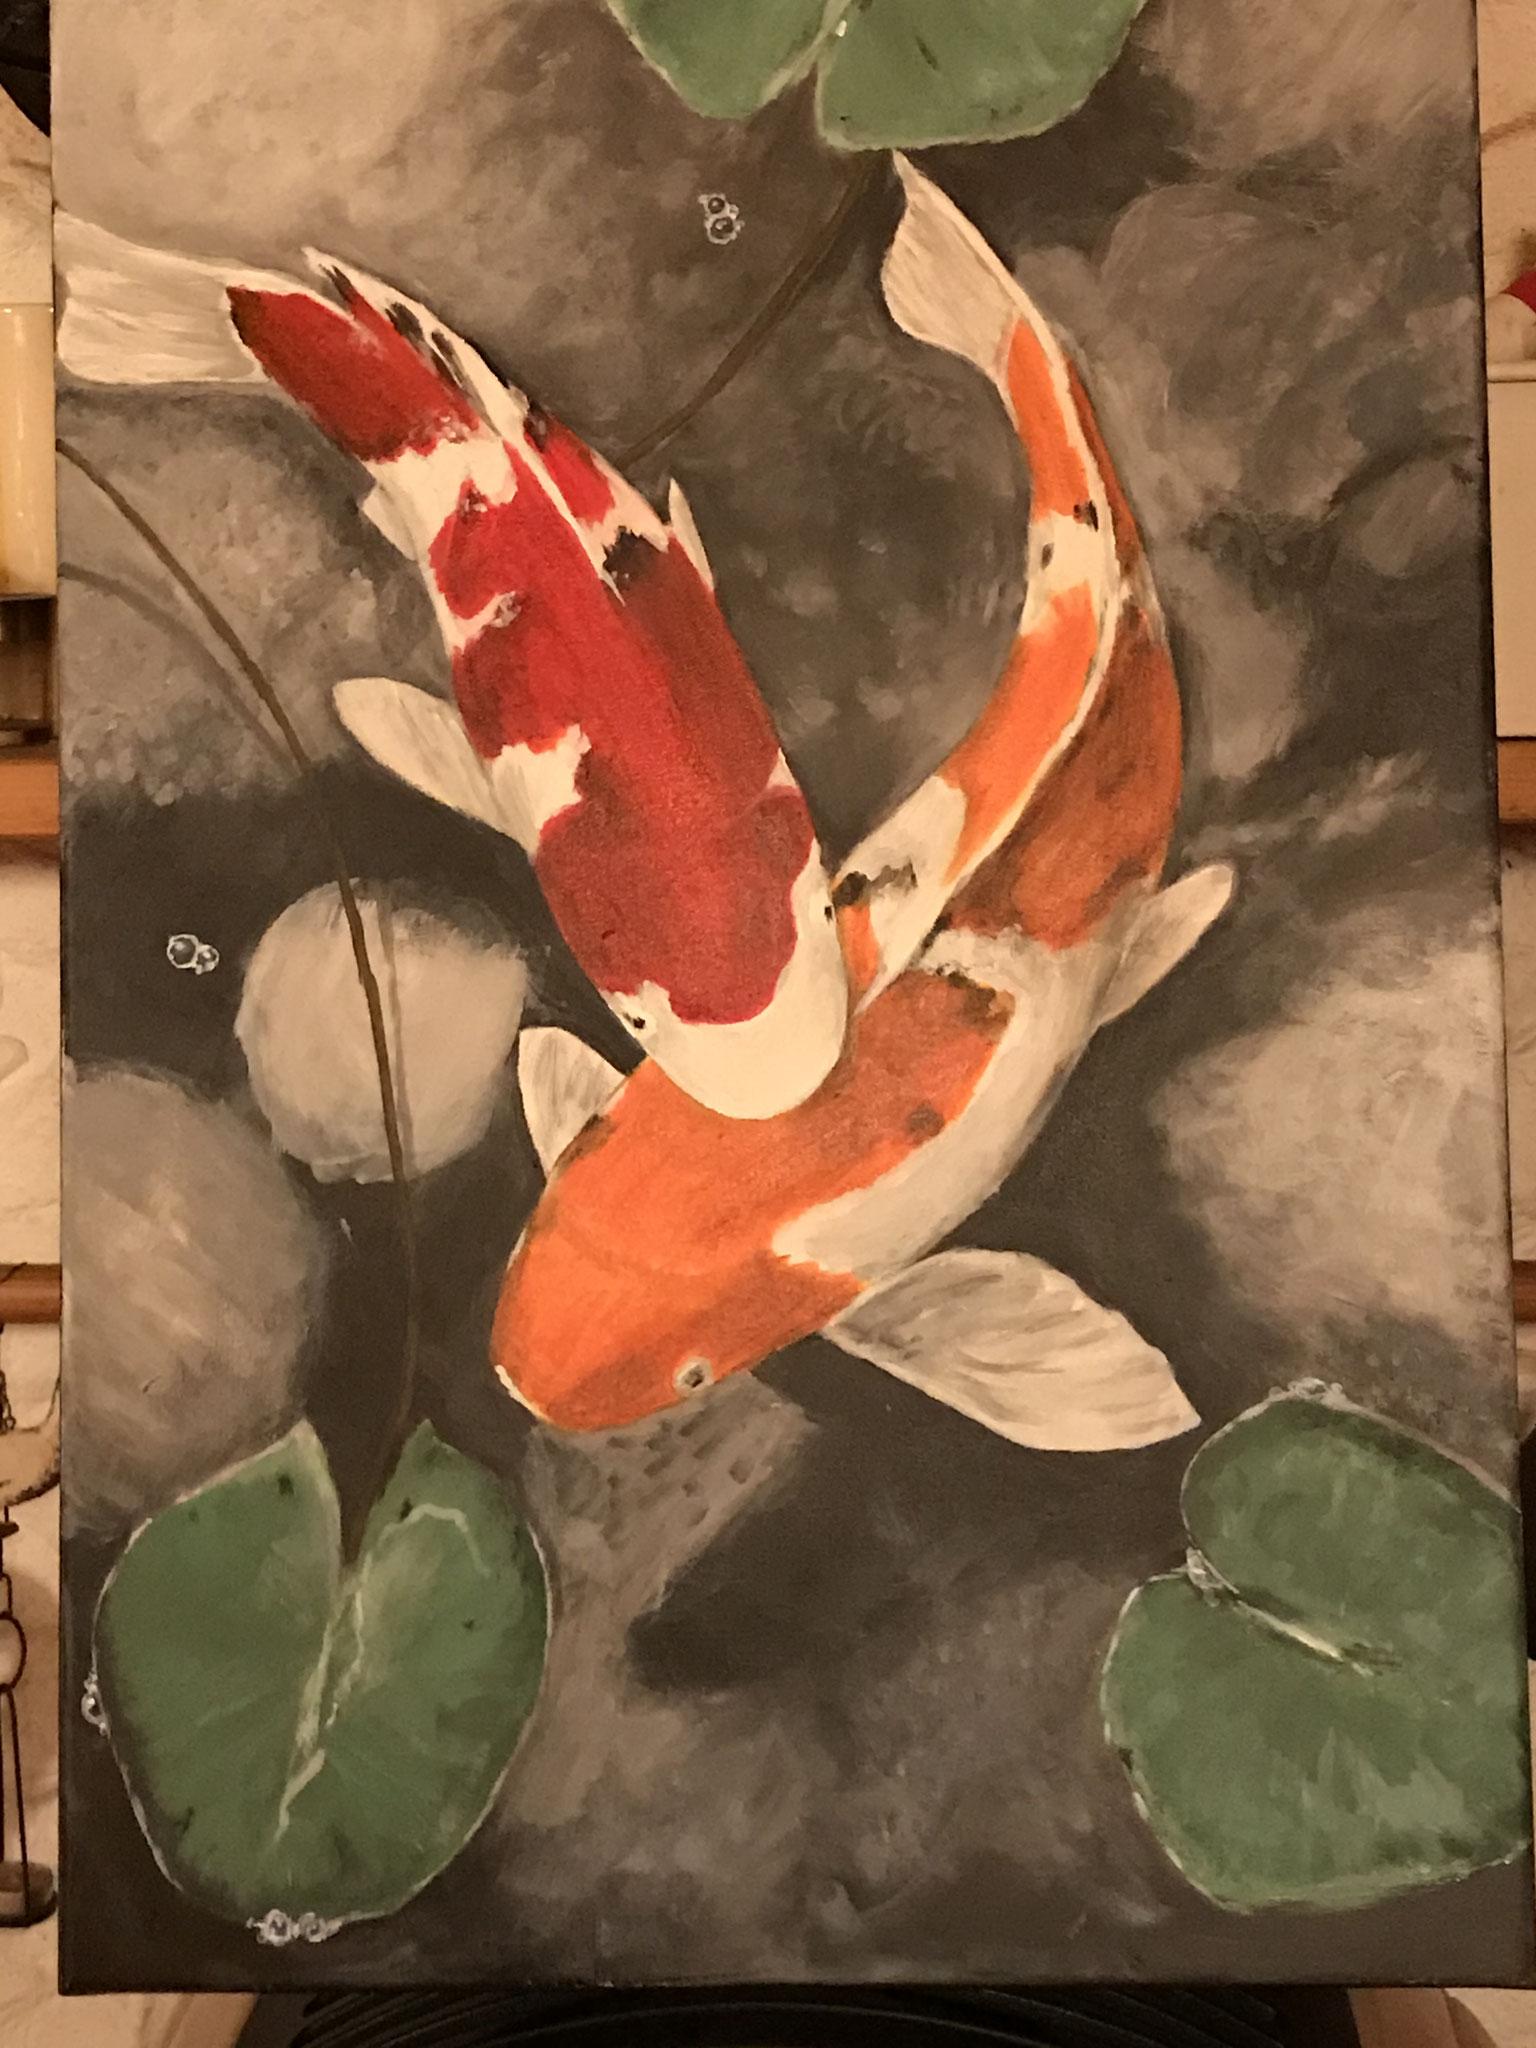 Kois, gemalt nach einem Foto aus dem Internet